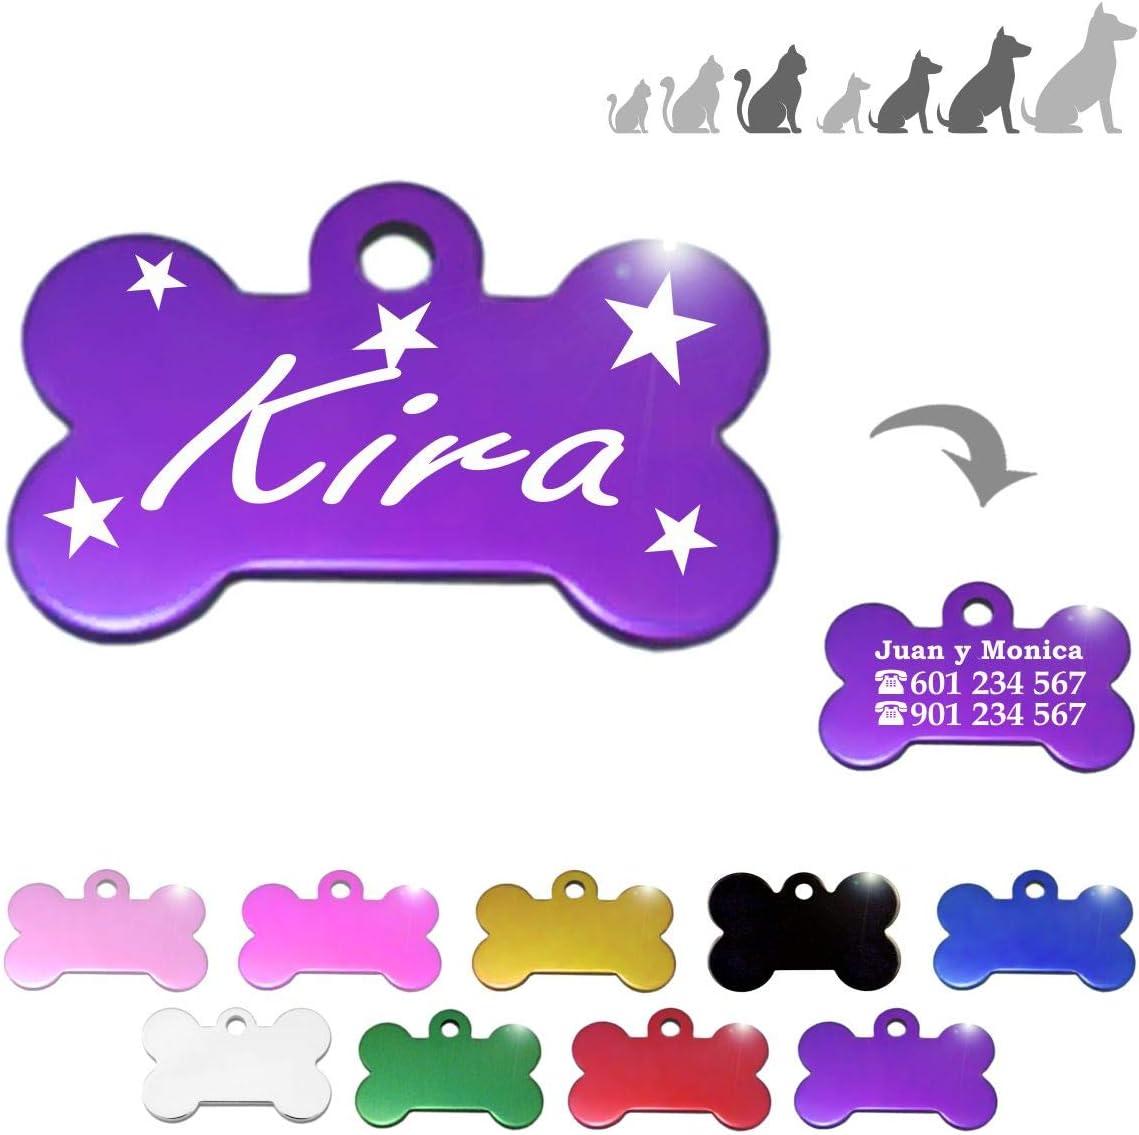 Iberiagifts - Hueso para Mascotas Medianas-Grandes con Estrellas Placa Chapa de identificación Personalizada para Collar Perro Gato Mascota grabada (Lila)